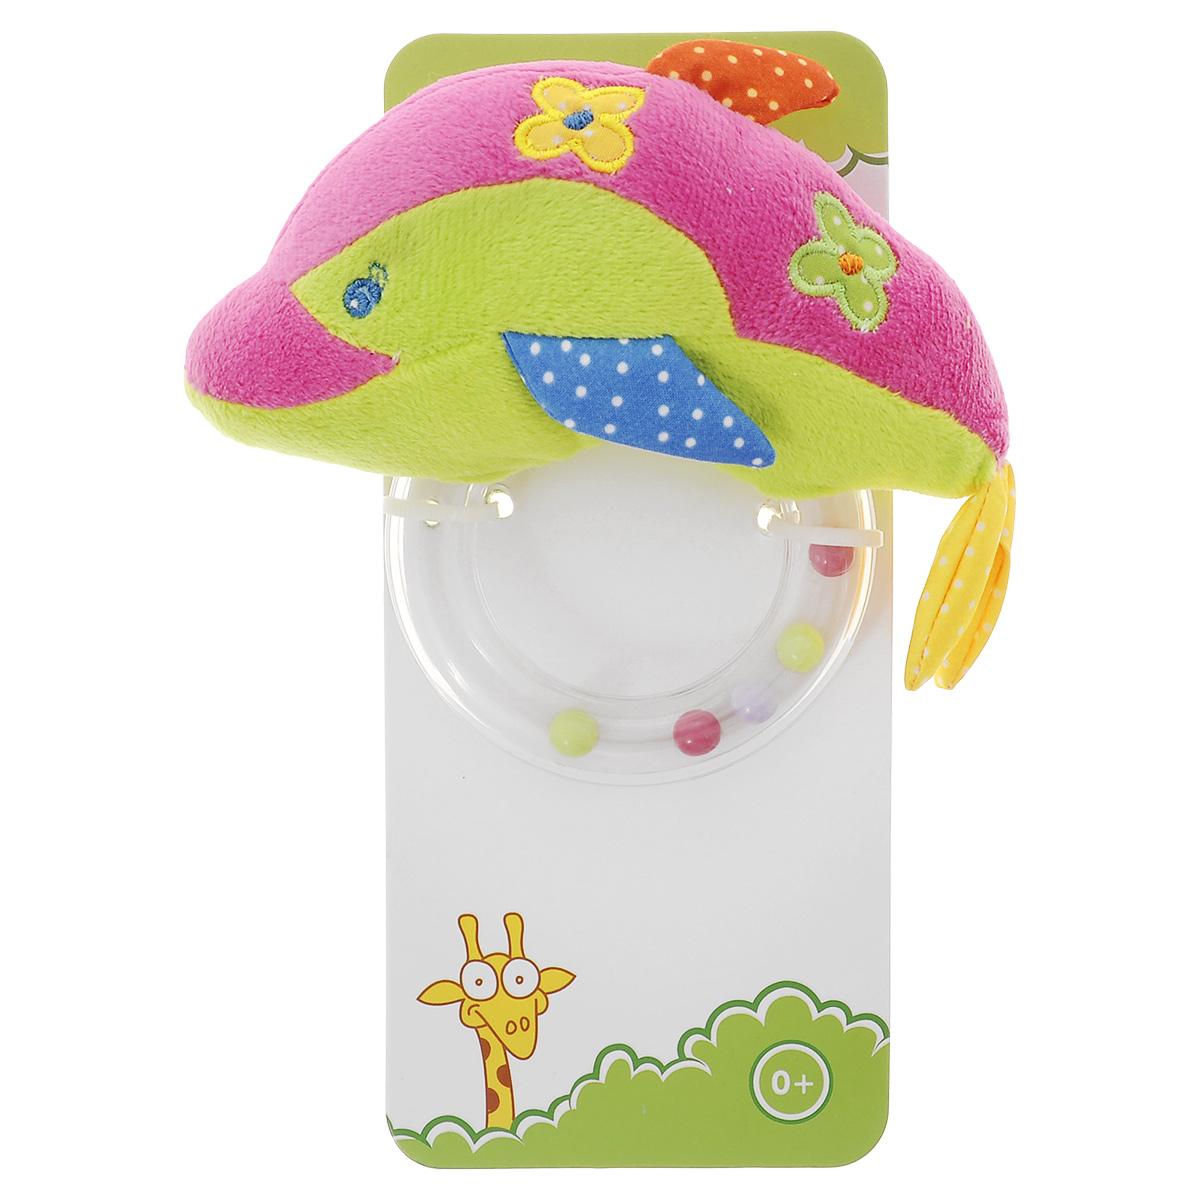 Развивающая игрушка Жирафики Дельфин-погремушка, цвет: малиновый, салатовый жирафики развивающая игрушка погремушка забавные зверята